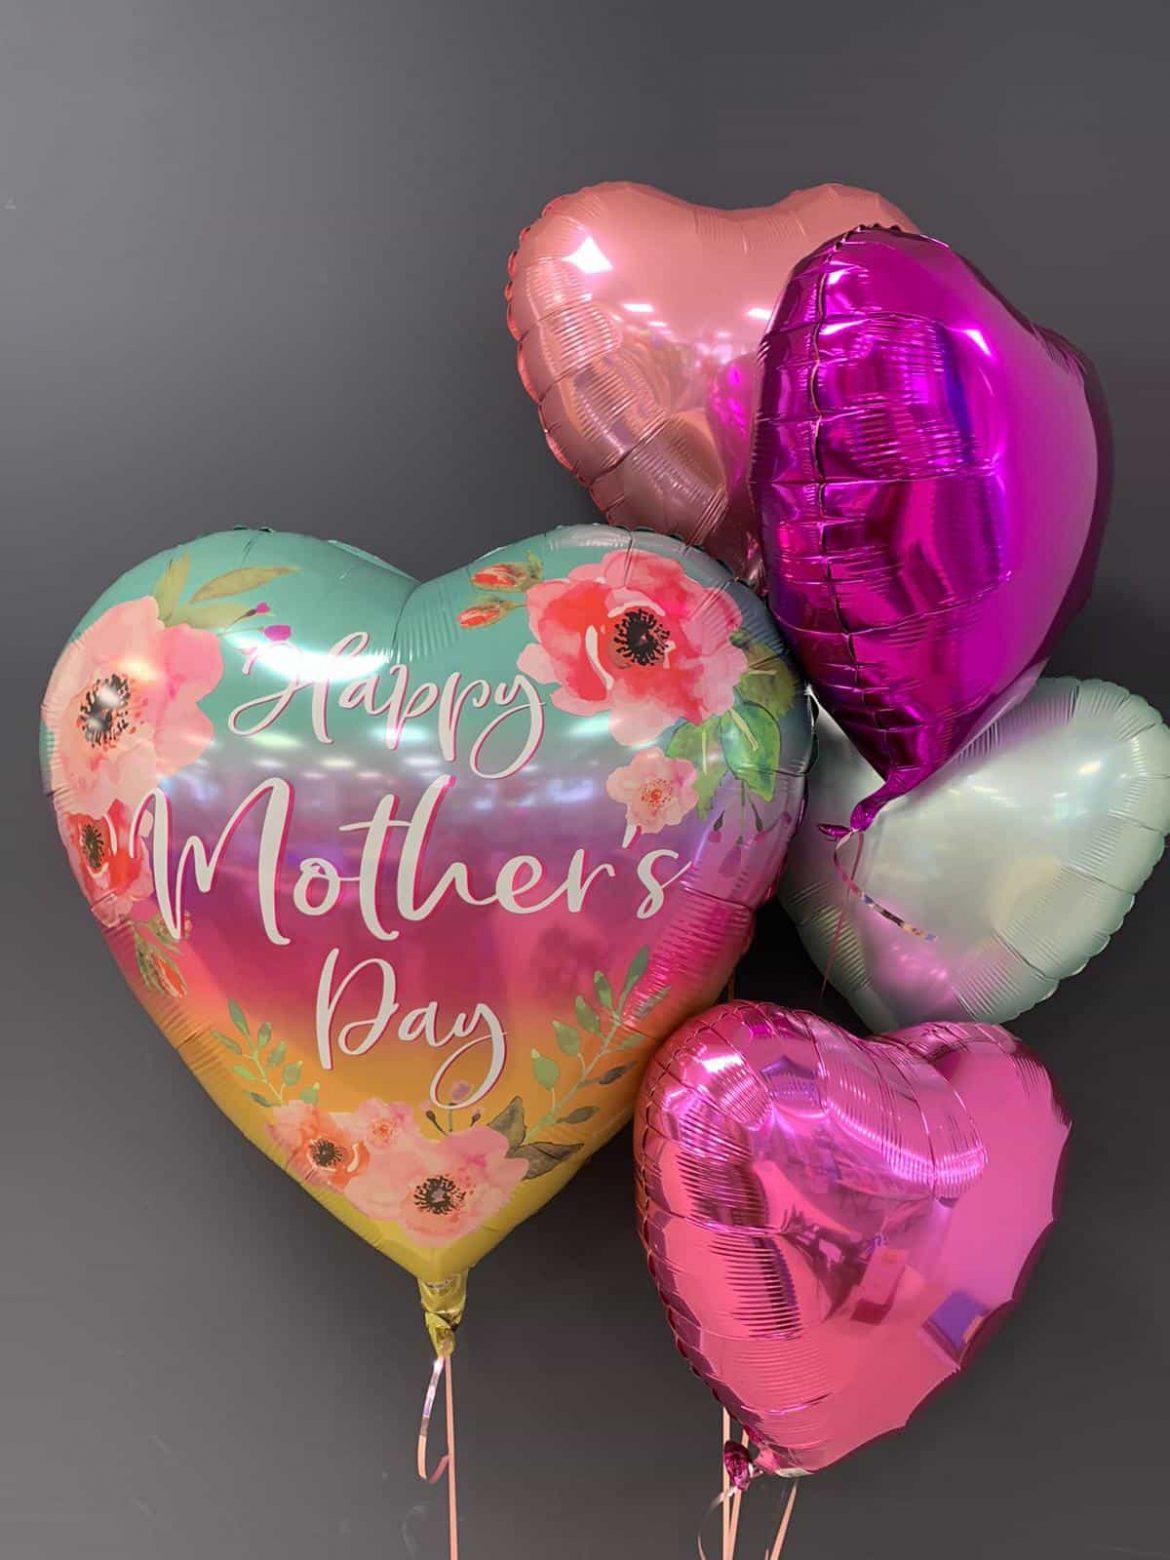 Happy Mothers Day €8,90<br /> Dekoballons €4,50 1